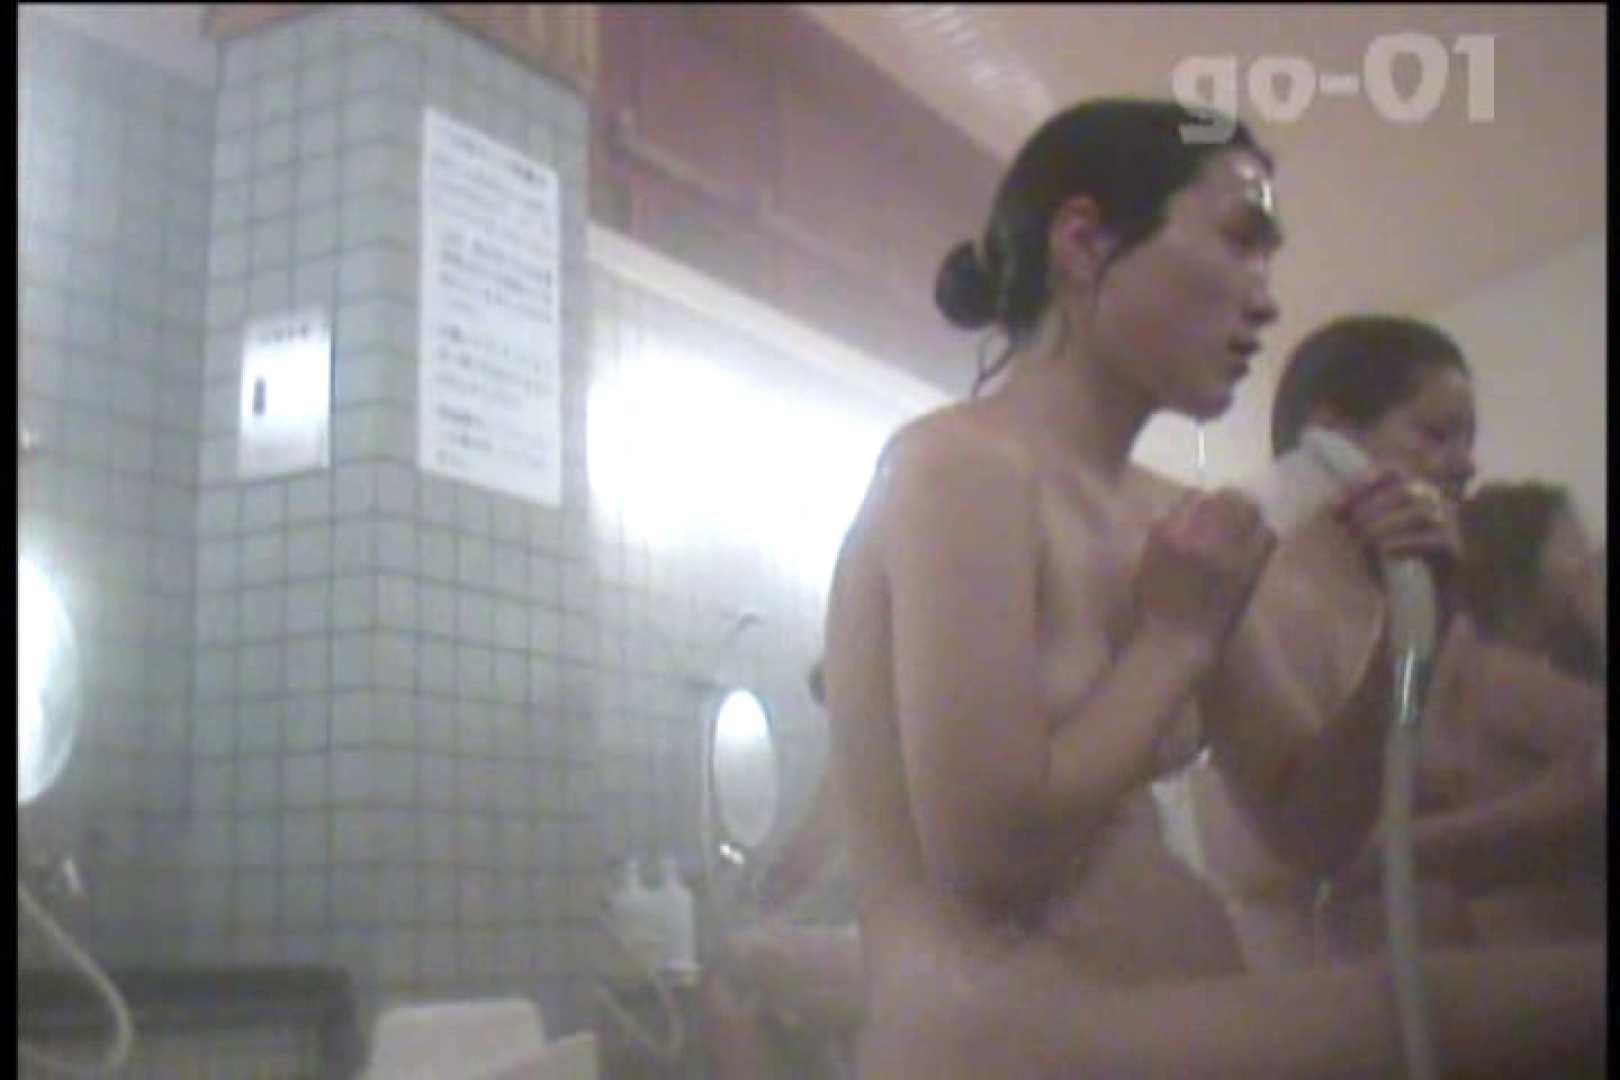 電波カメラ設置浴場からの防HAN映像 Vol.01 シャワー室 | 盗撮編  105枚 12